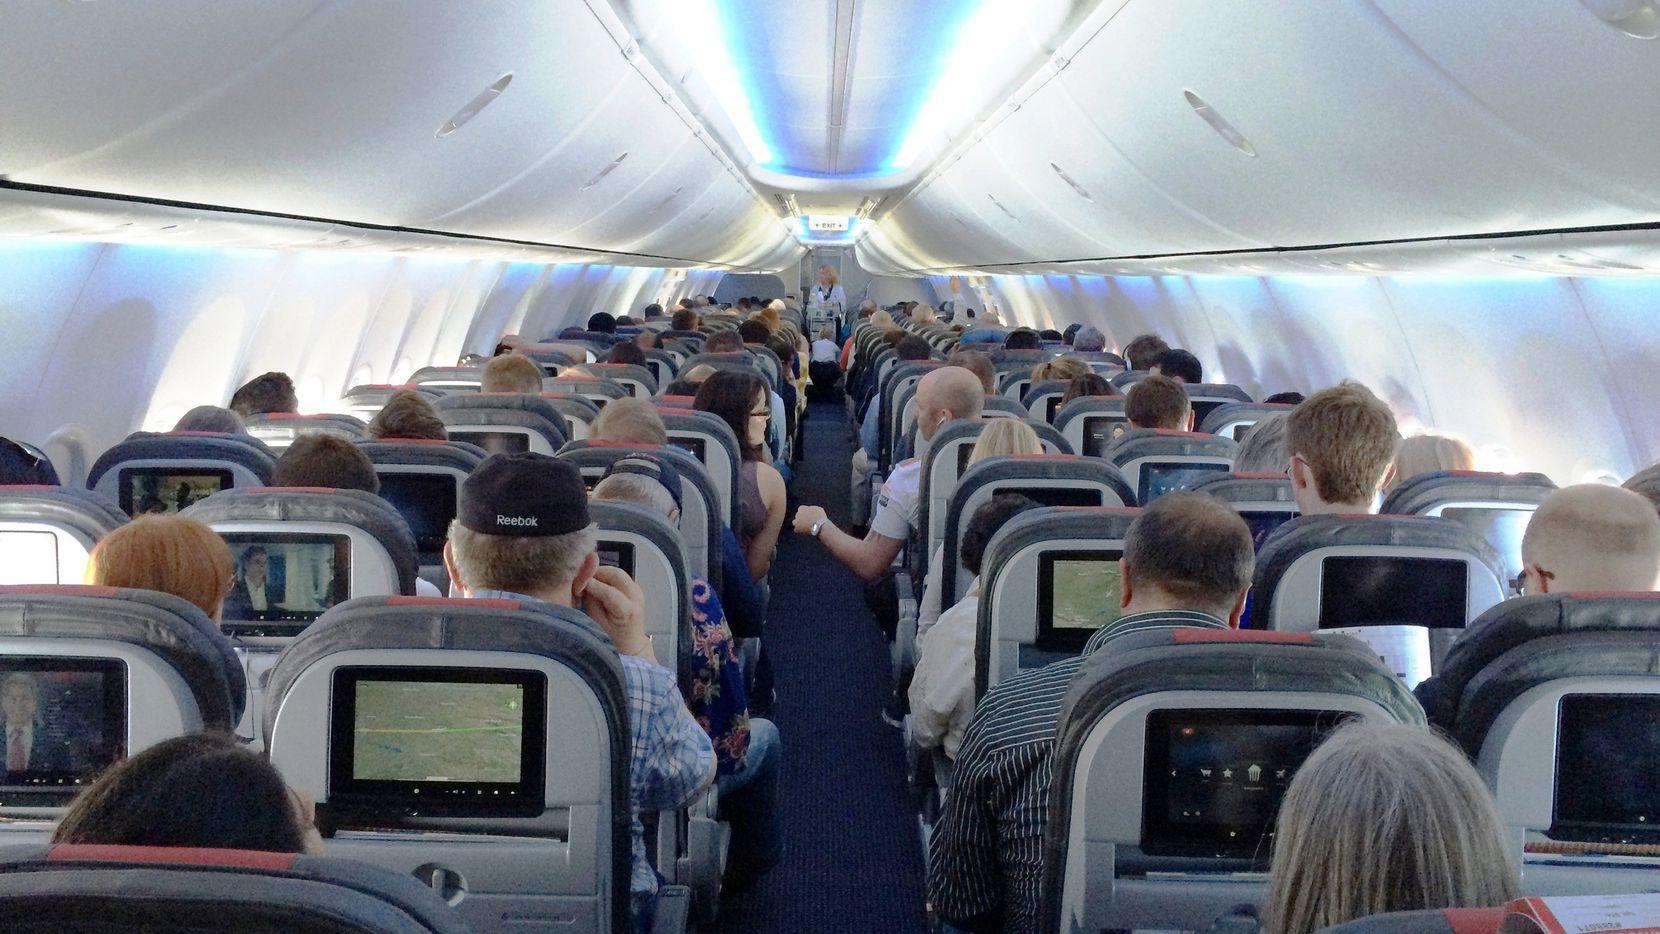 La cabina principal de un avión Boeing 737 de American Airlines.